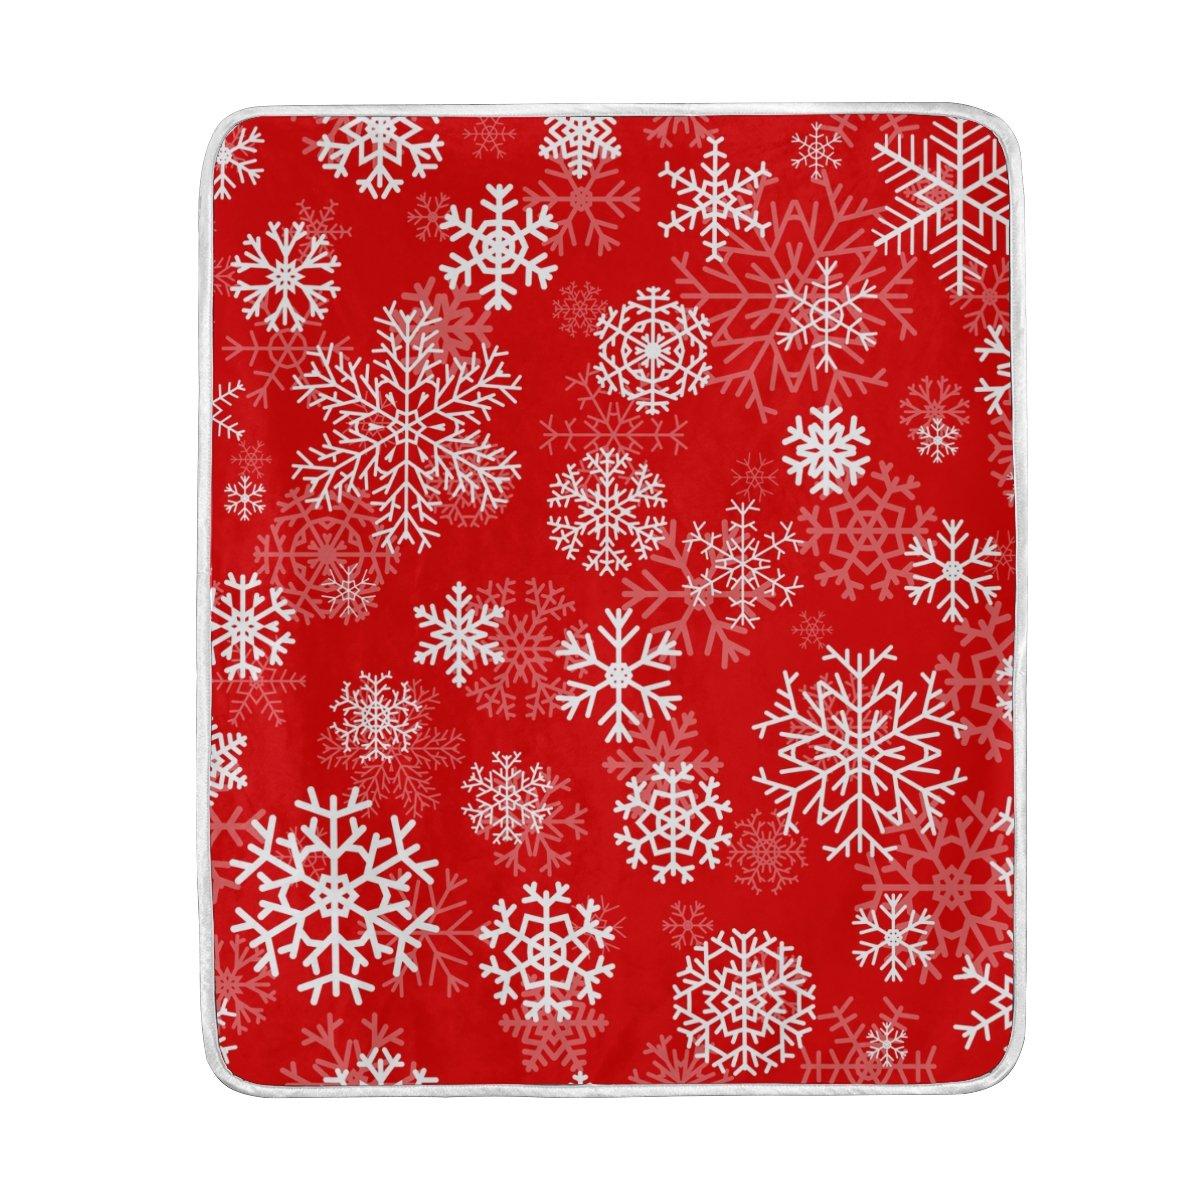 Alazaクリスマス雪片赤毛布Luxury Throw PersonalizedスタイリッシュFuzzyソフト暖かい軽量毛布ベッド用Counch All Seasonユニセックス大人用メンズレディース男の子女の子50 x 60インチ B076WVRG1L